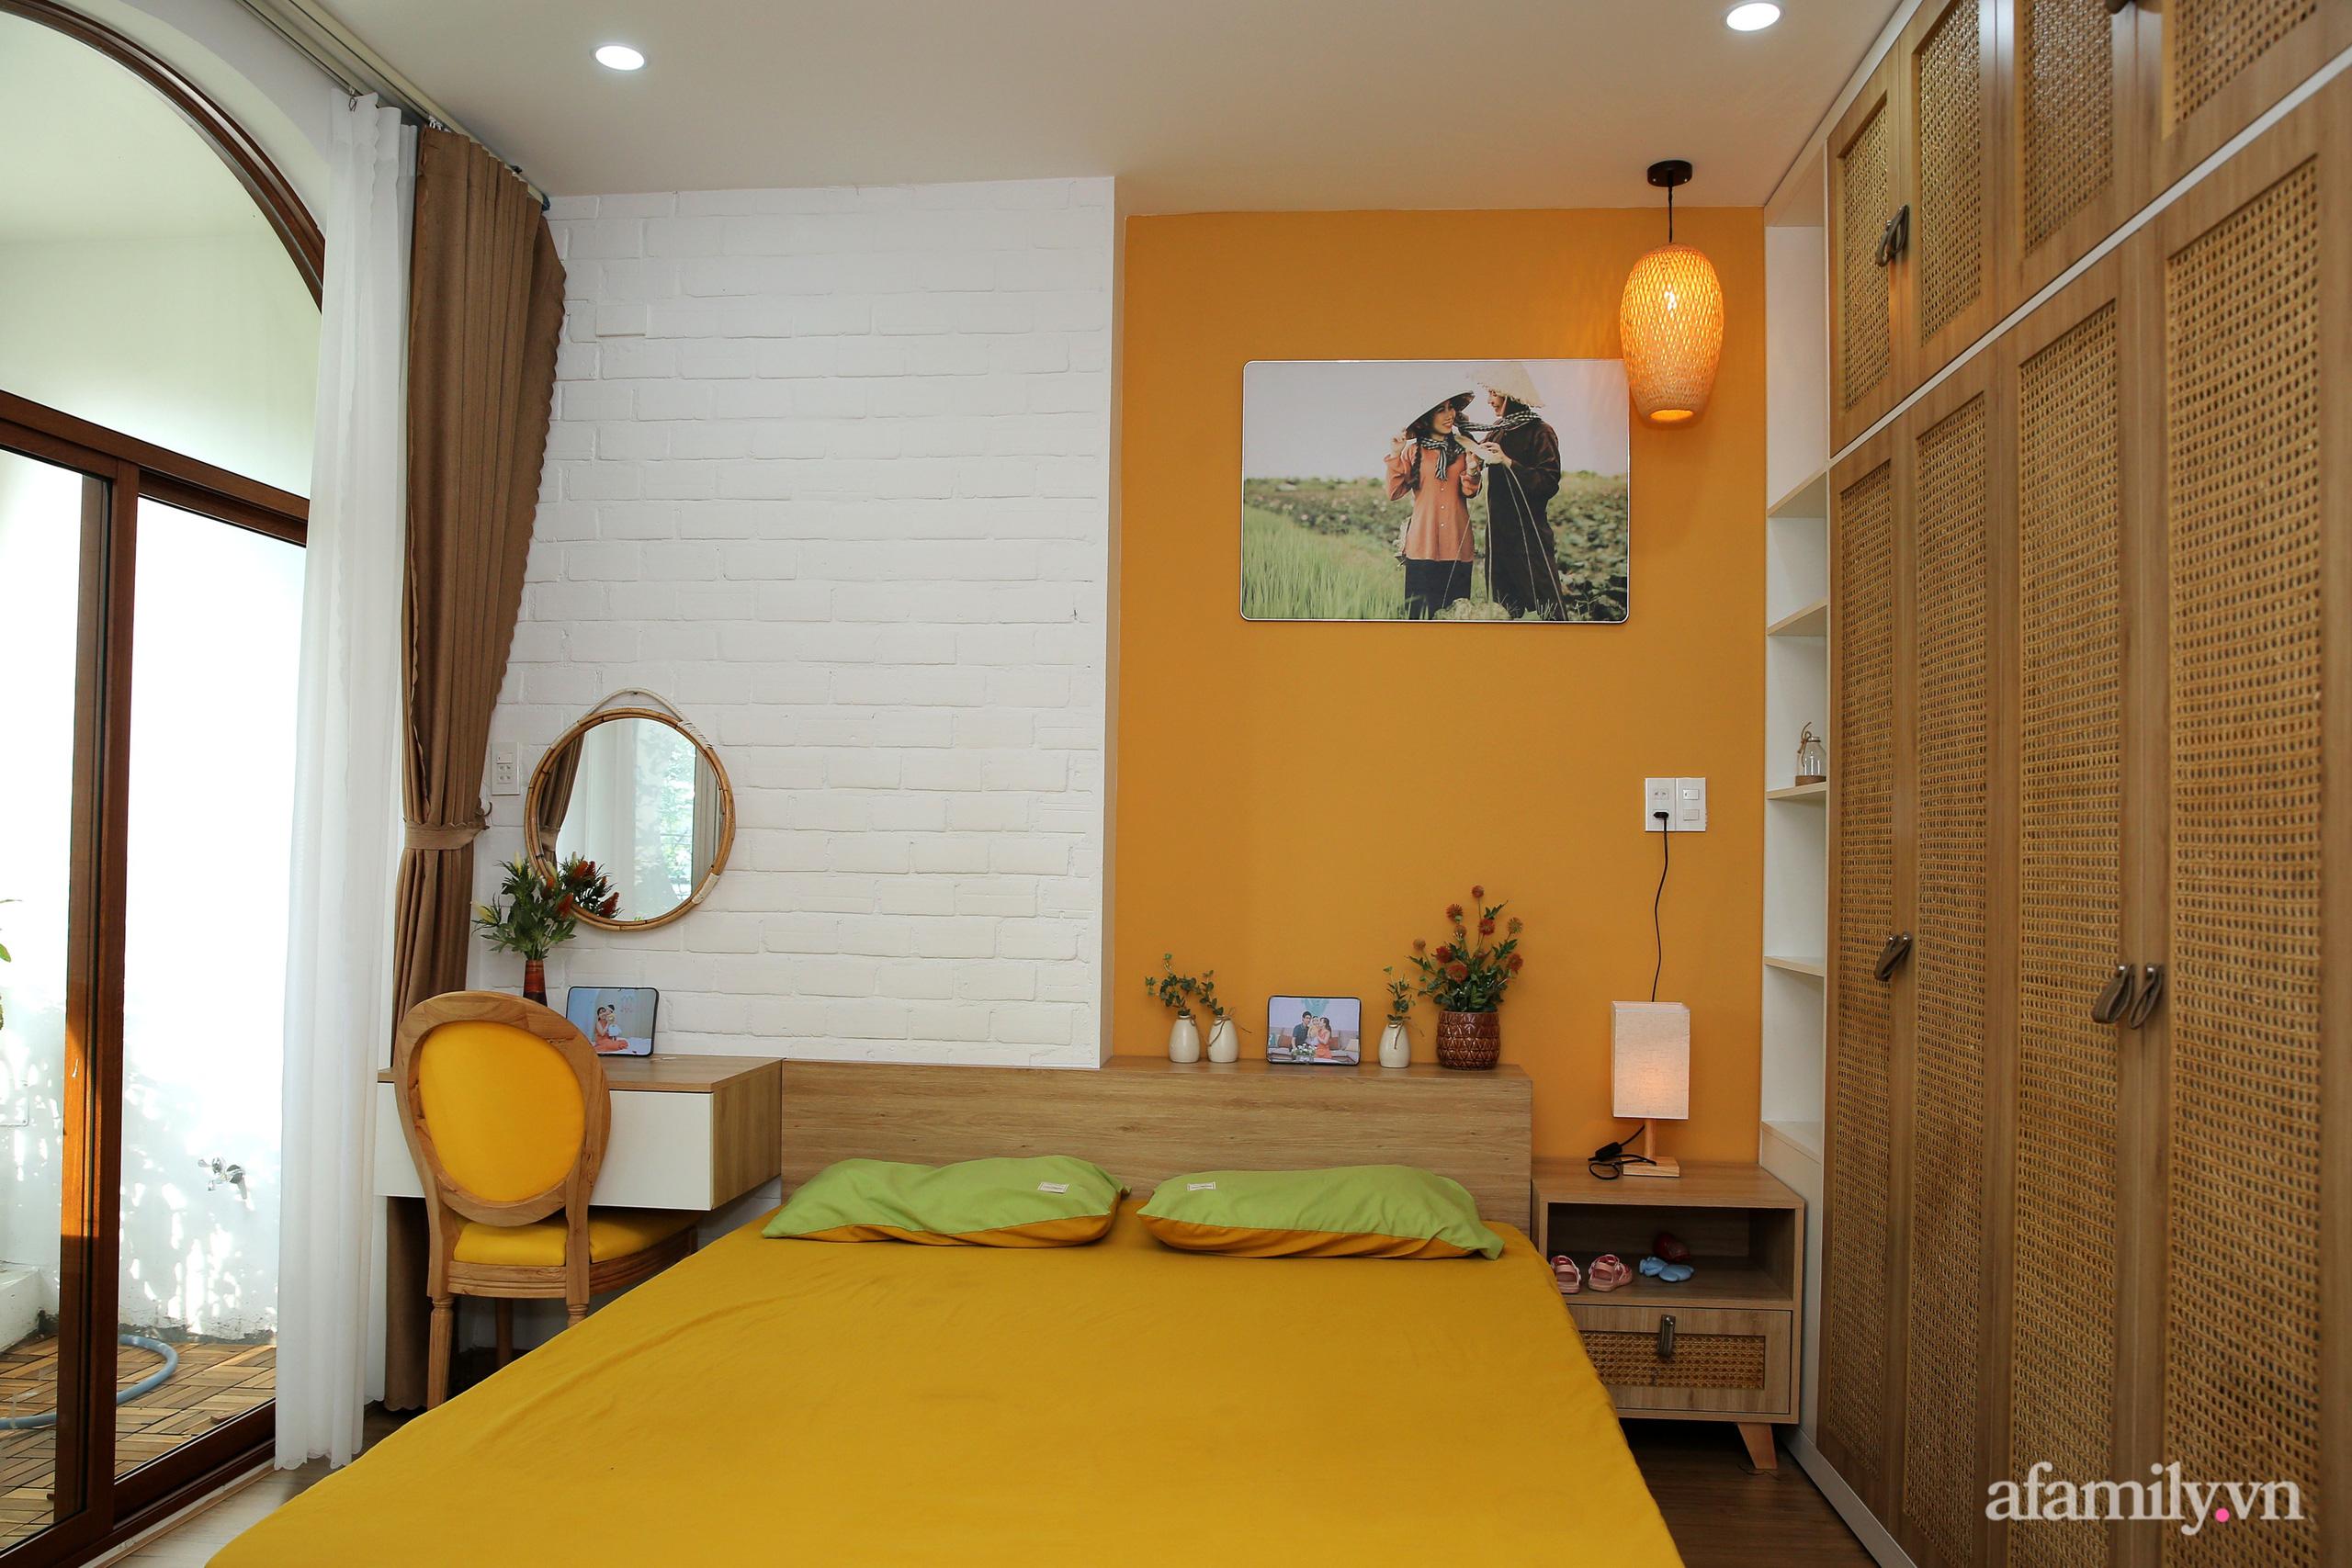 Chồng xây tặng vợ con ngôi nhà ấm cúng với sắc trắng vàng cùng cây xanh và ánh sáng ngập tràn ở Đà Nẵng sau 10 năm ở trọ - Ảnh 10.